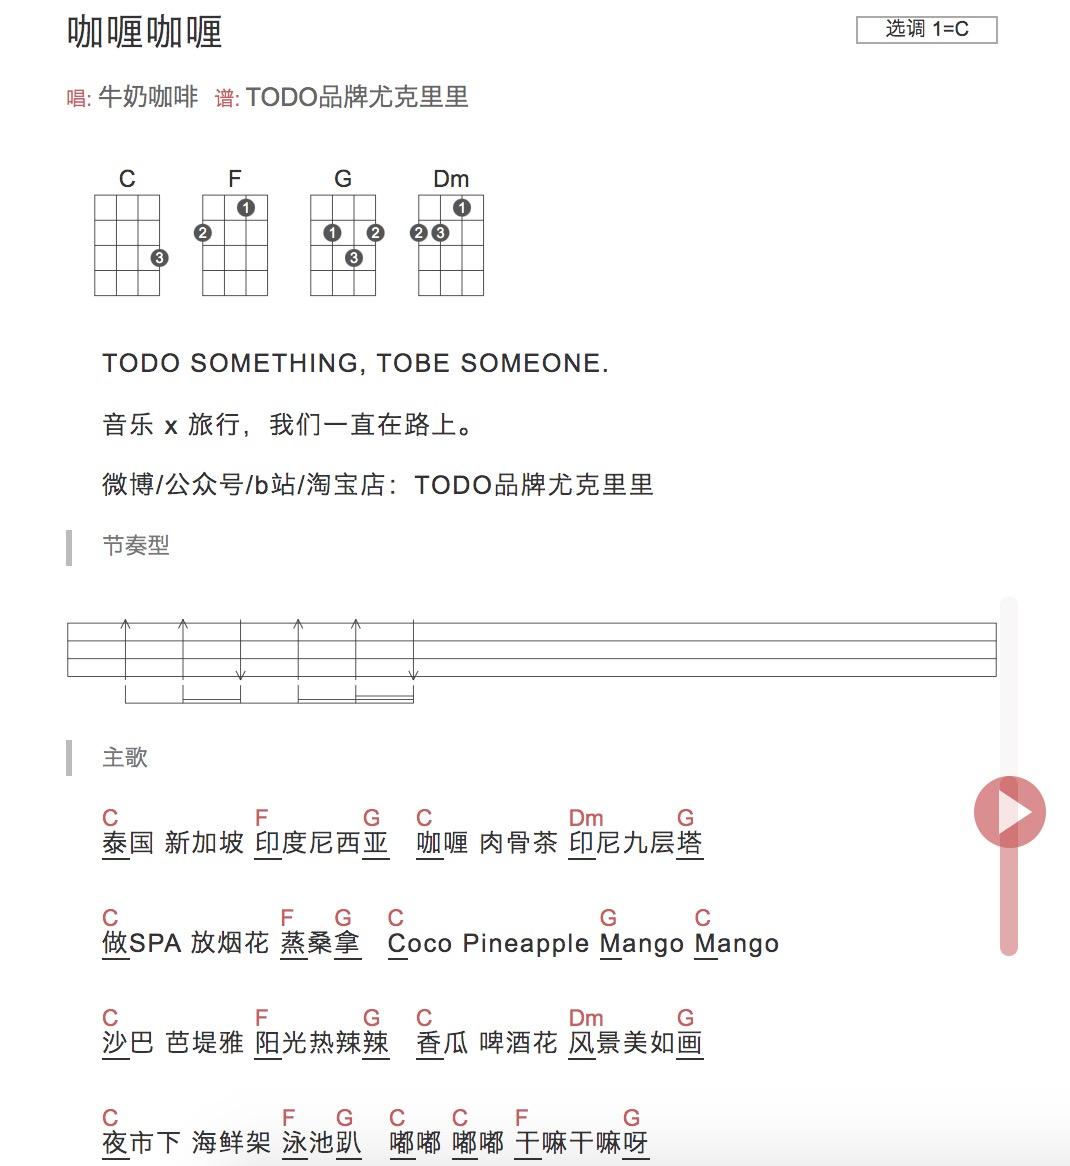 《咖喱咖喱》尤克里里弹唱谱+教学示范视频_《欢乐颂》插曲_TODO尤克里里-C大调音乐网